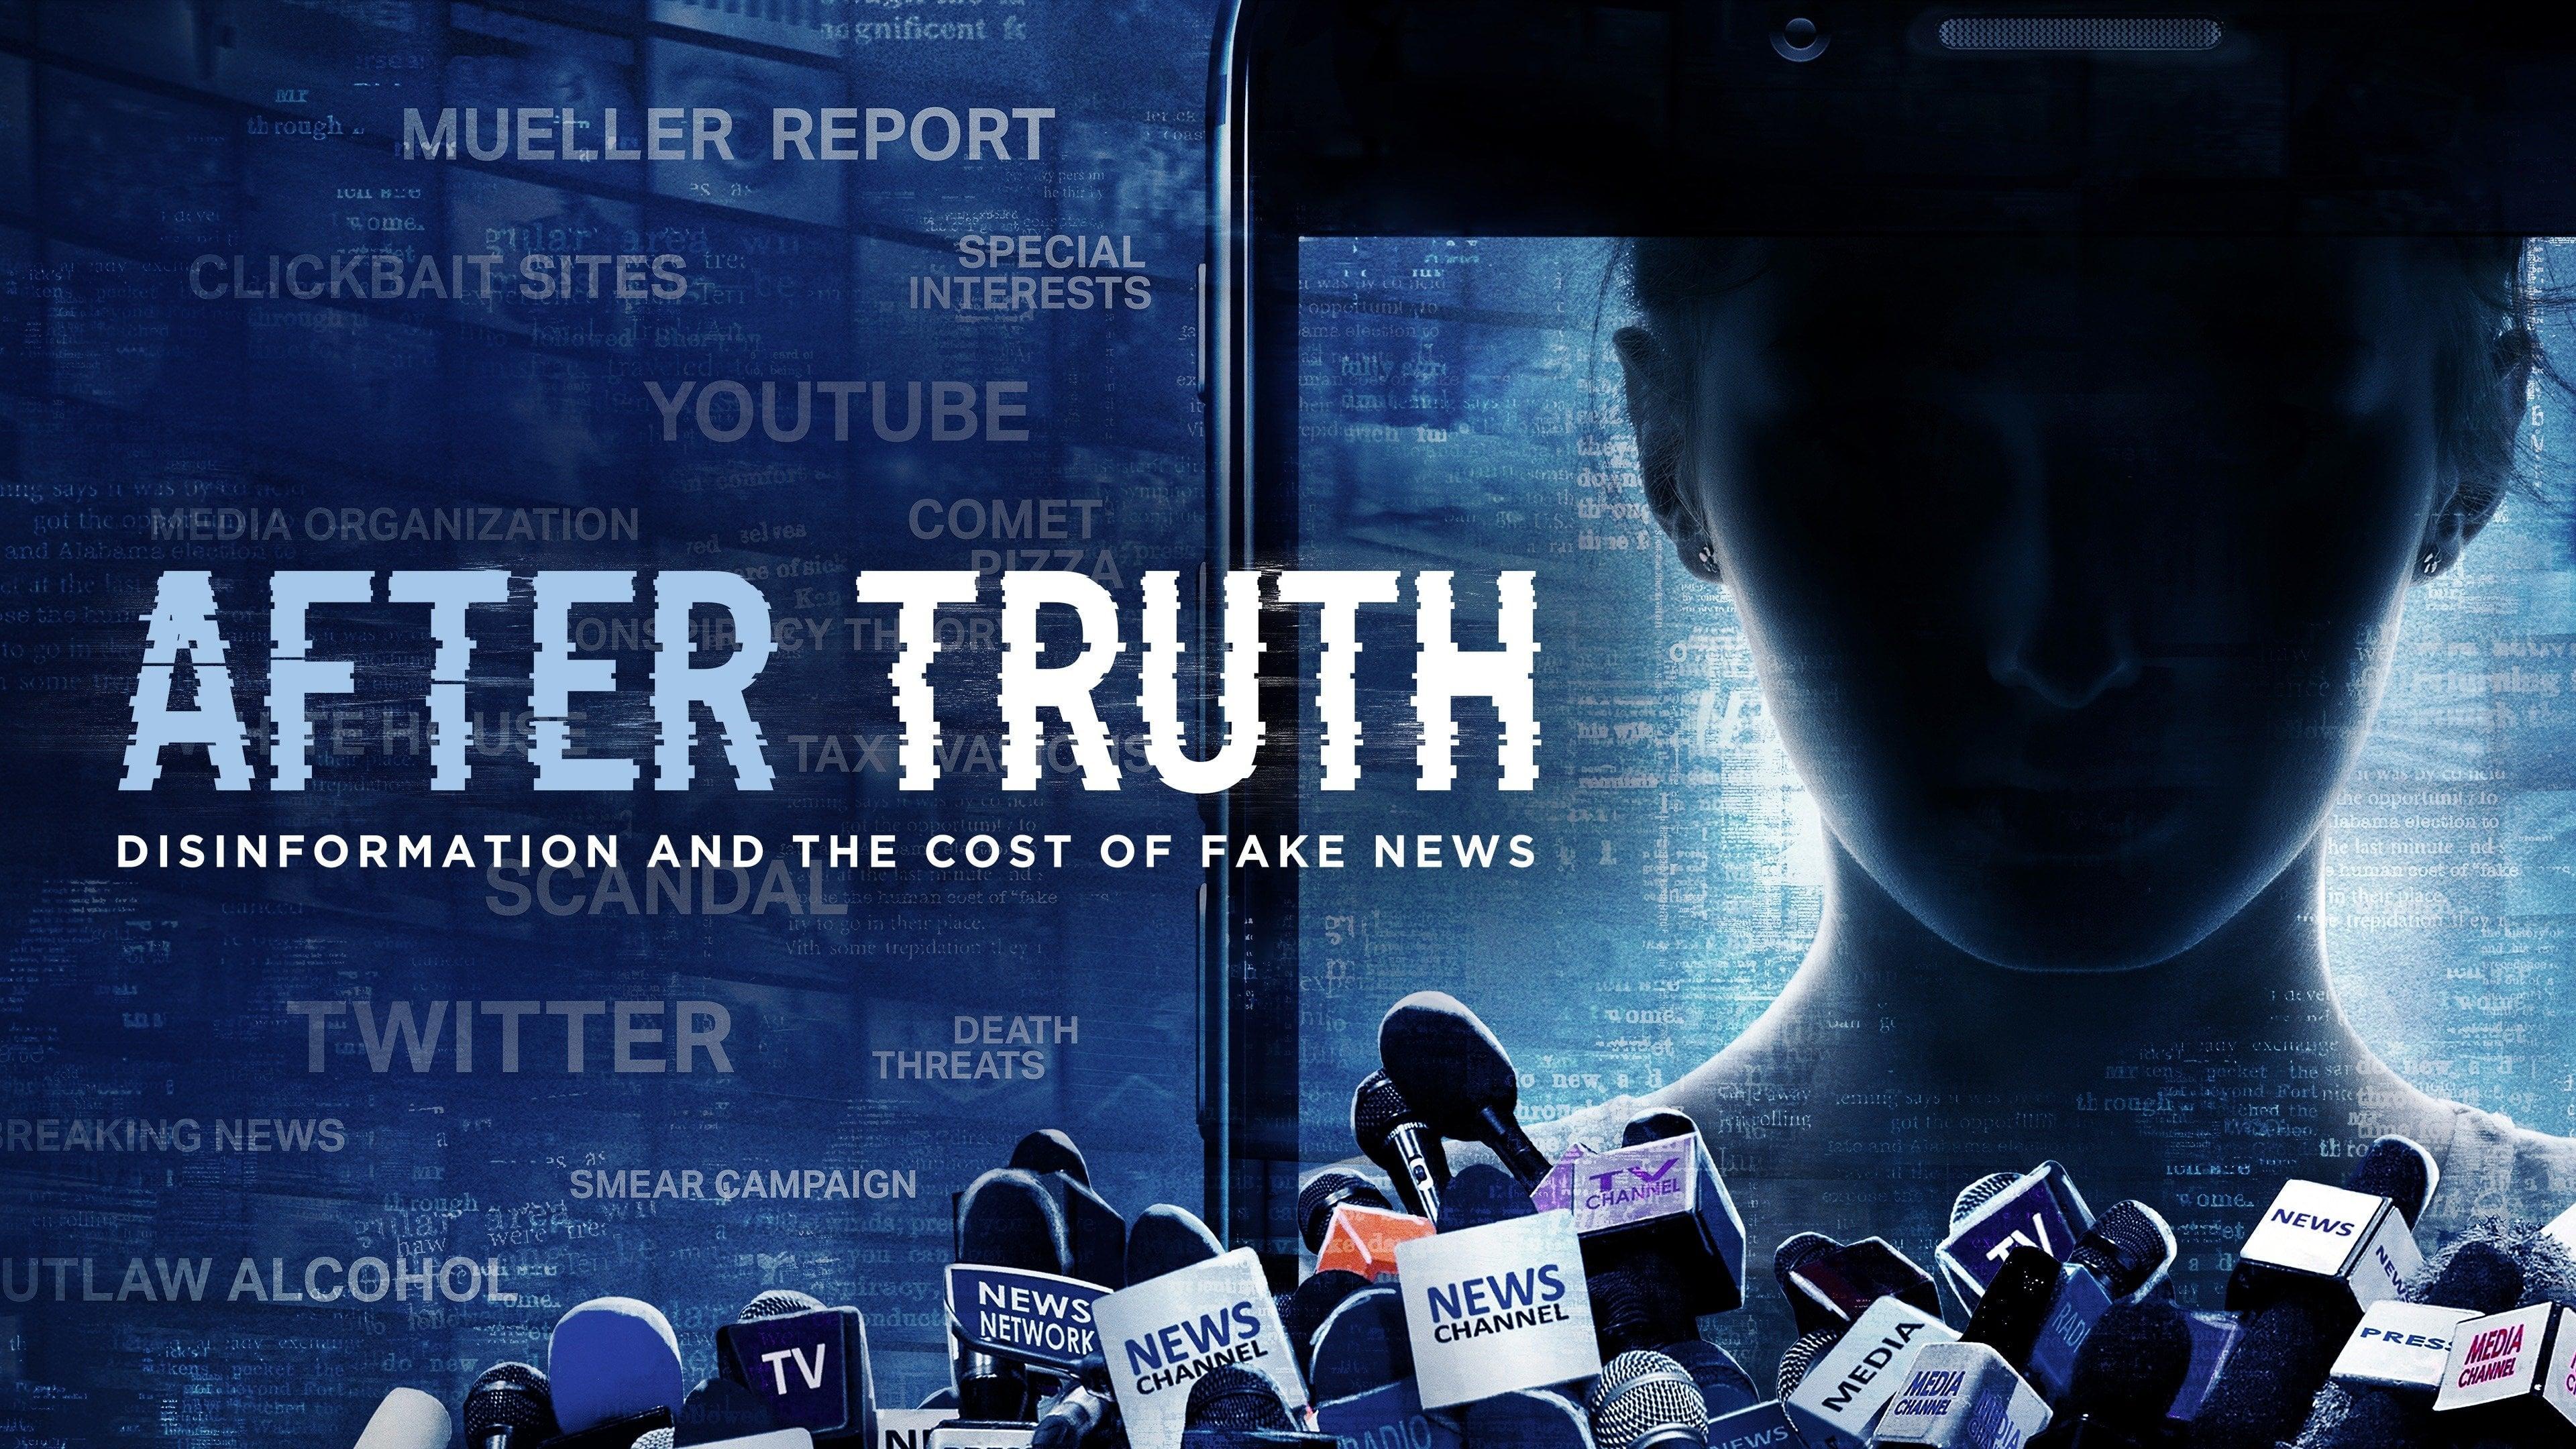 Posverdad: Desinformación y el costo de las fake news